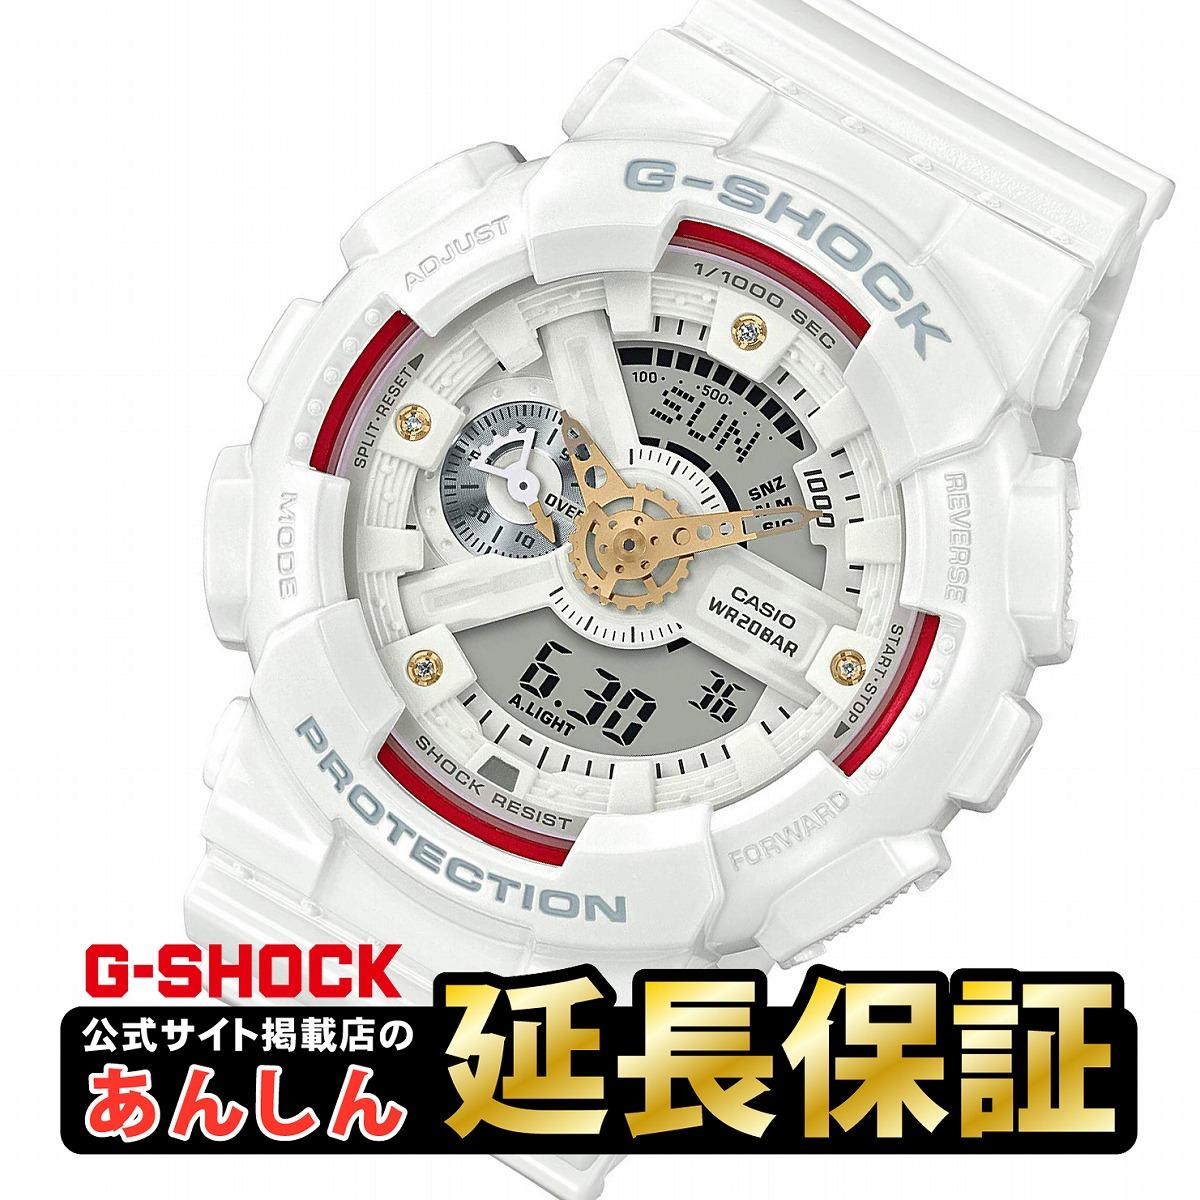 カシオ Gショック GA-110DDR-7AJF CASIO G-SHOCK メンズ 腕時計 デジアナ【店頭受取対応商品】